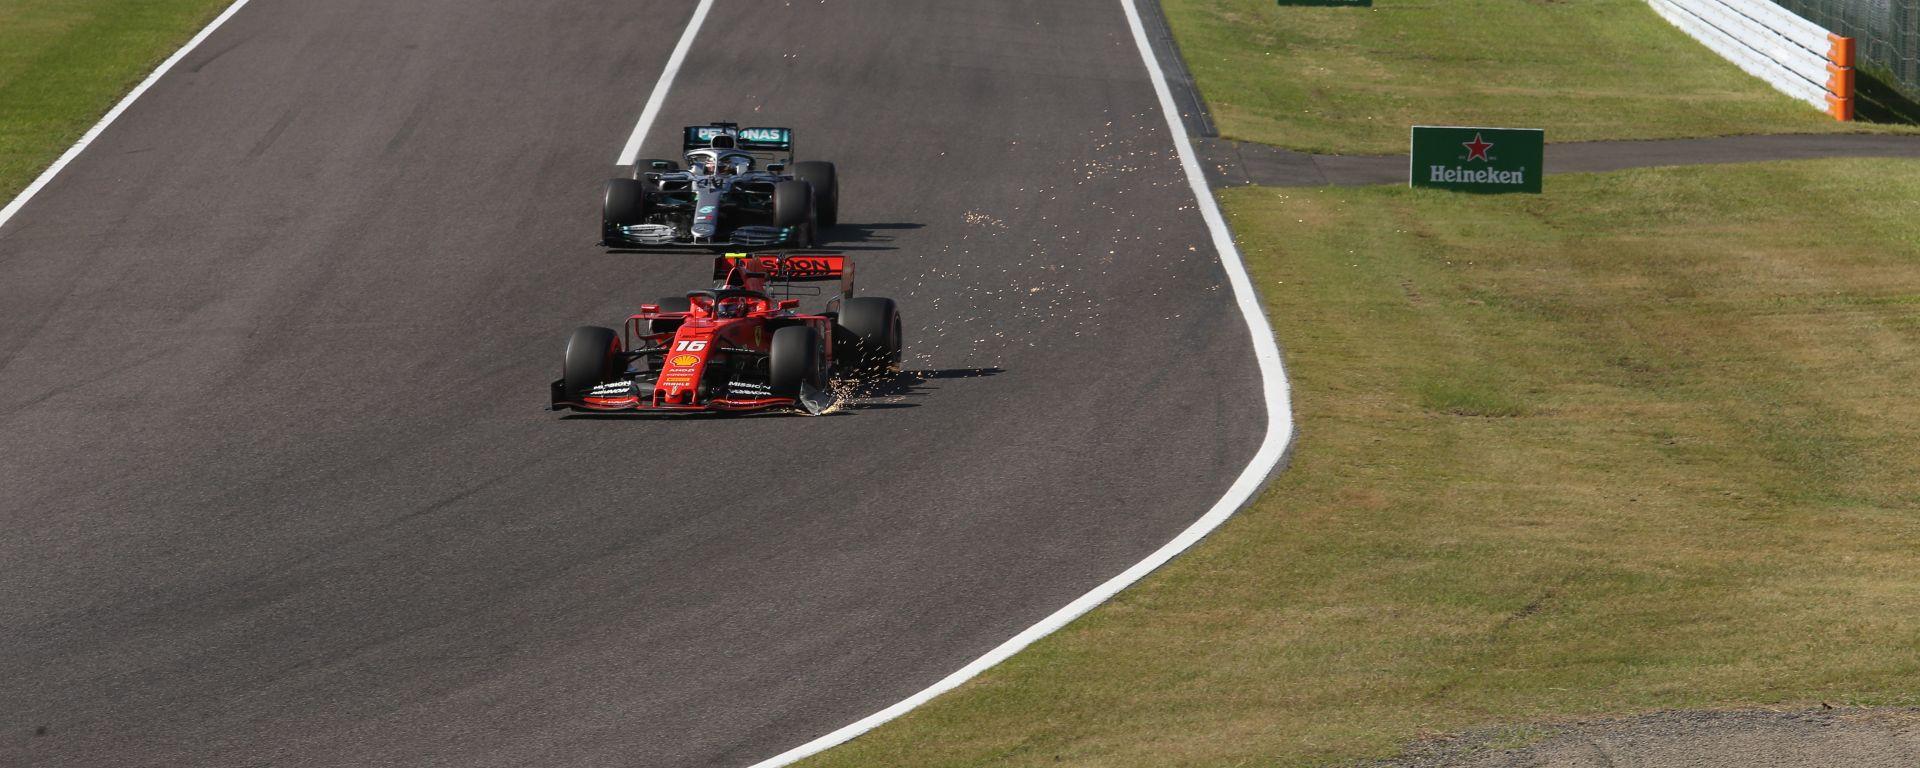 F1, GP Giappone 2019: Charles Leclerc (Ferrari) con l'ala anteriore danneggiata impegnato a Suzuka